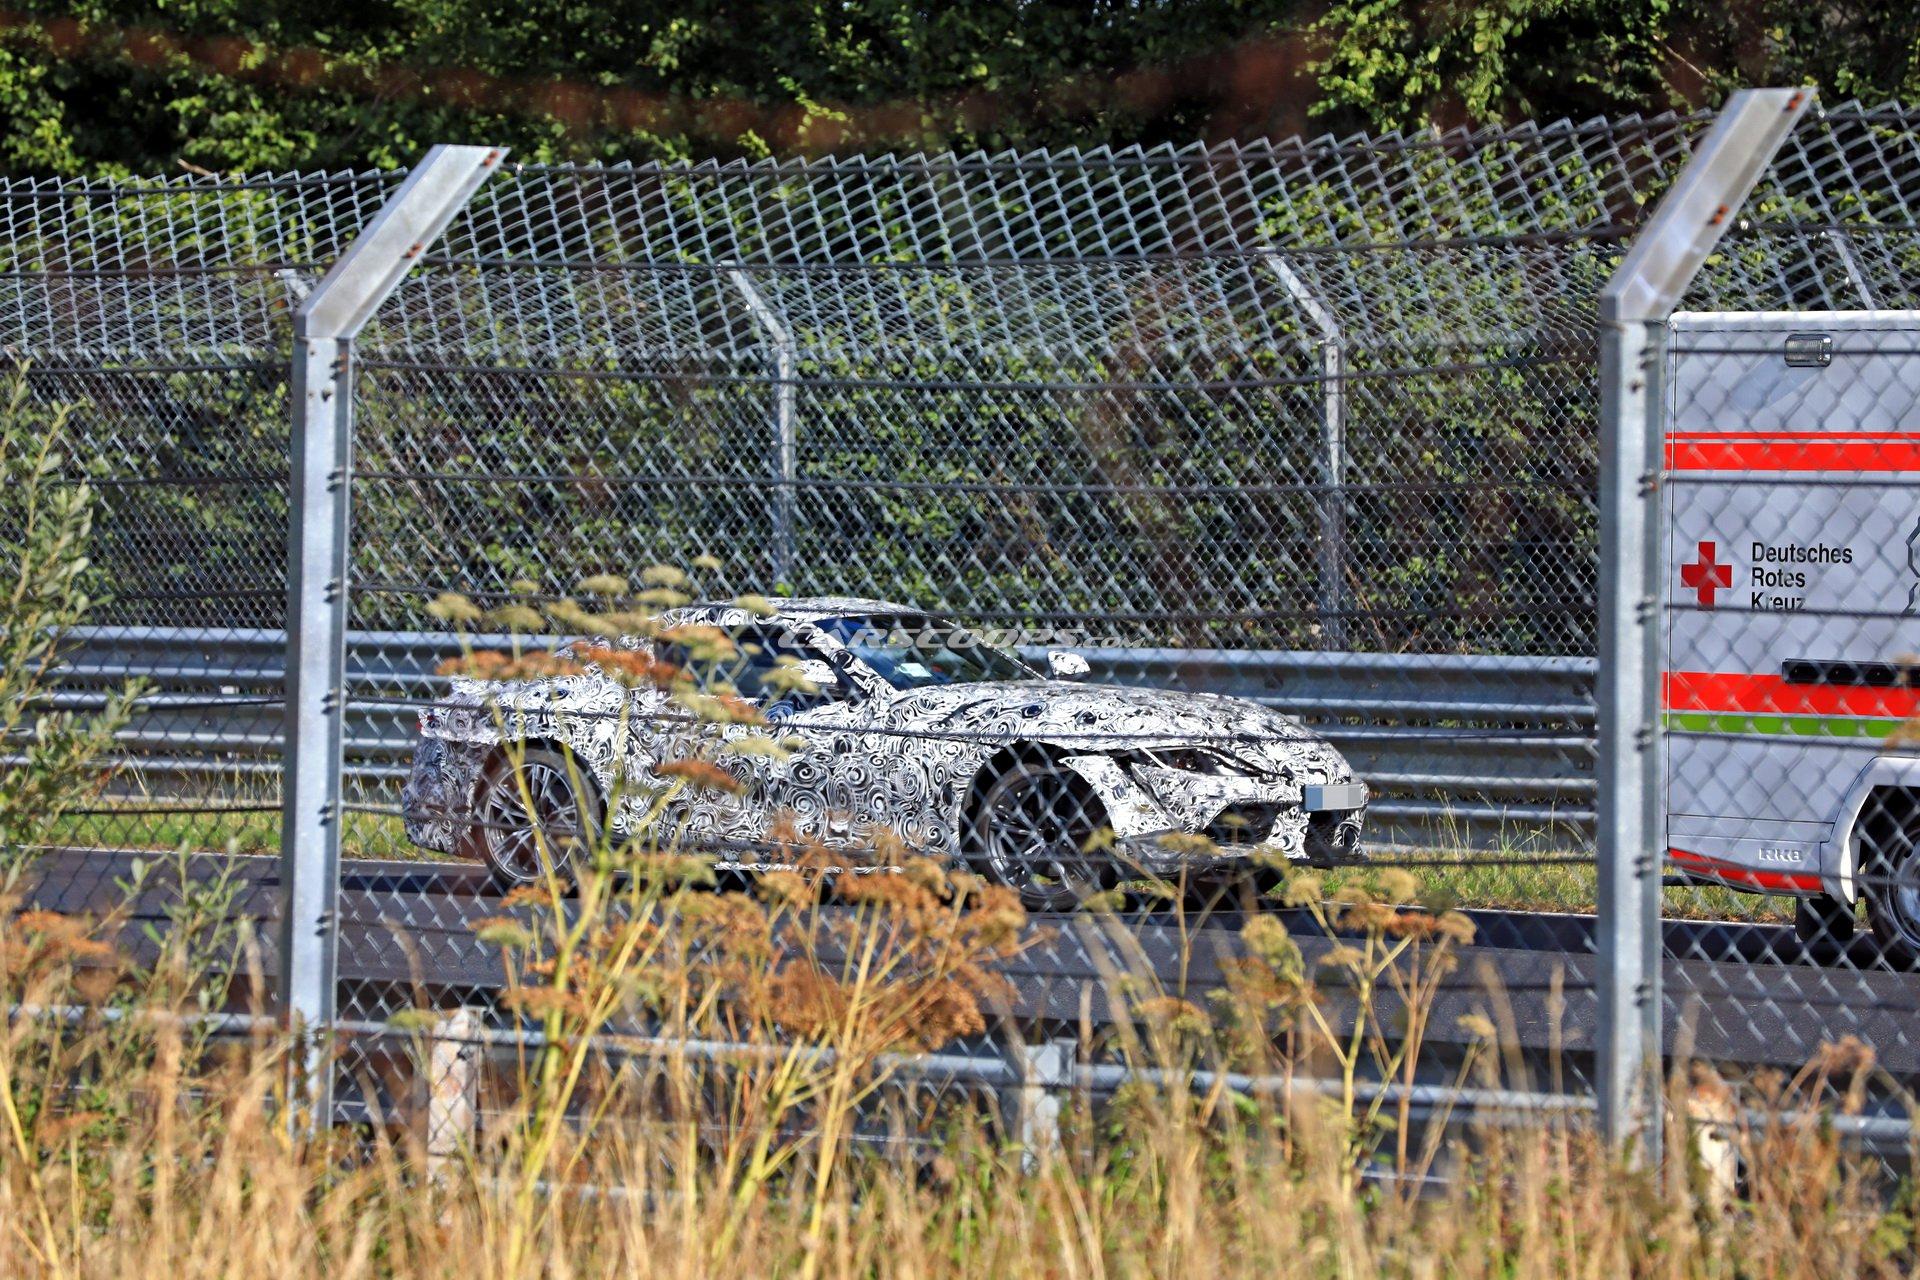 Прототип новой Toyota Supra попал в аварию на Нюрбургринге